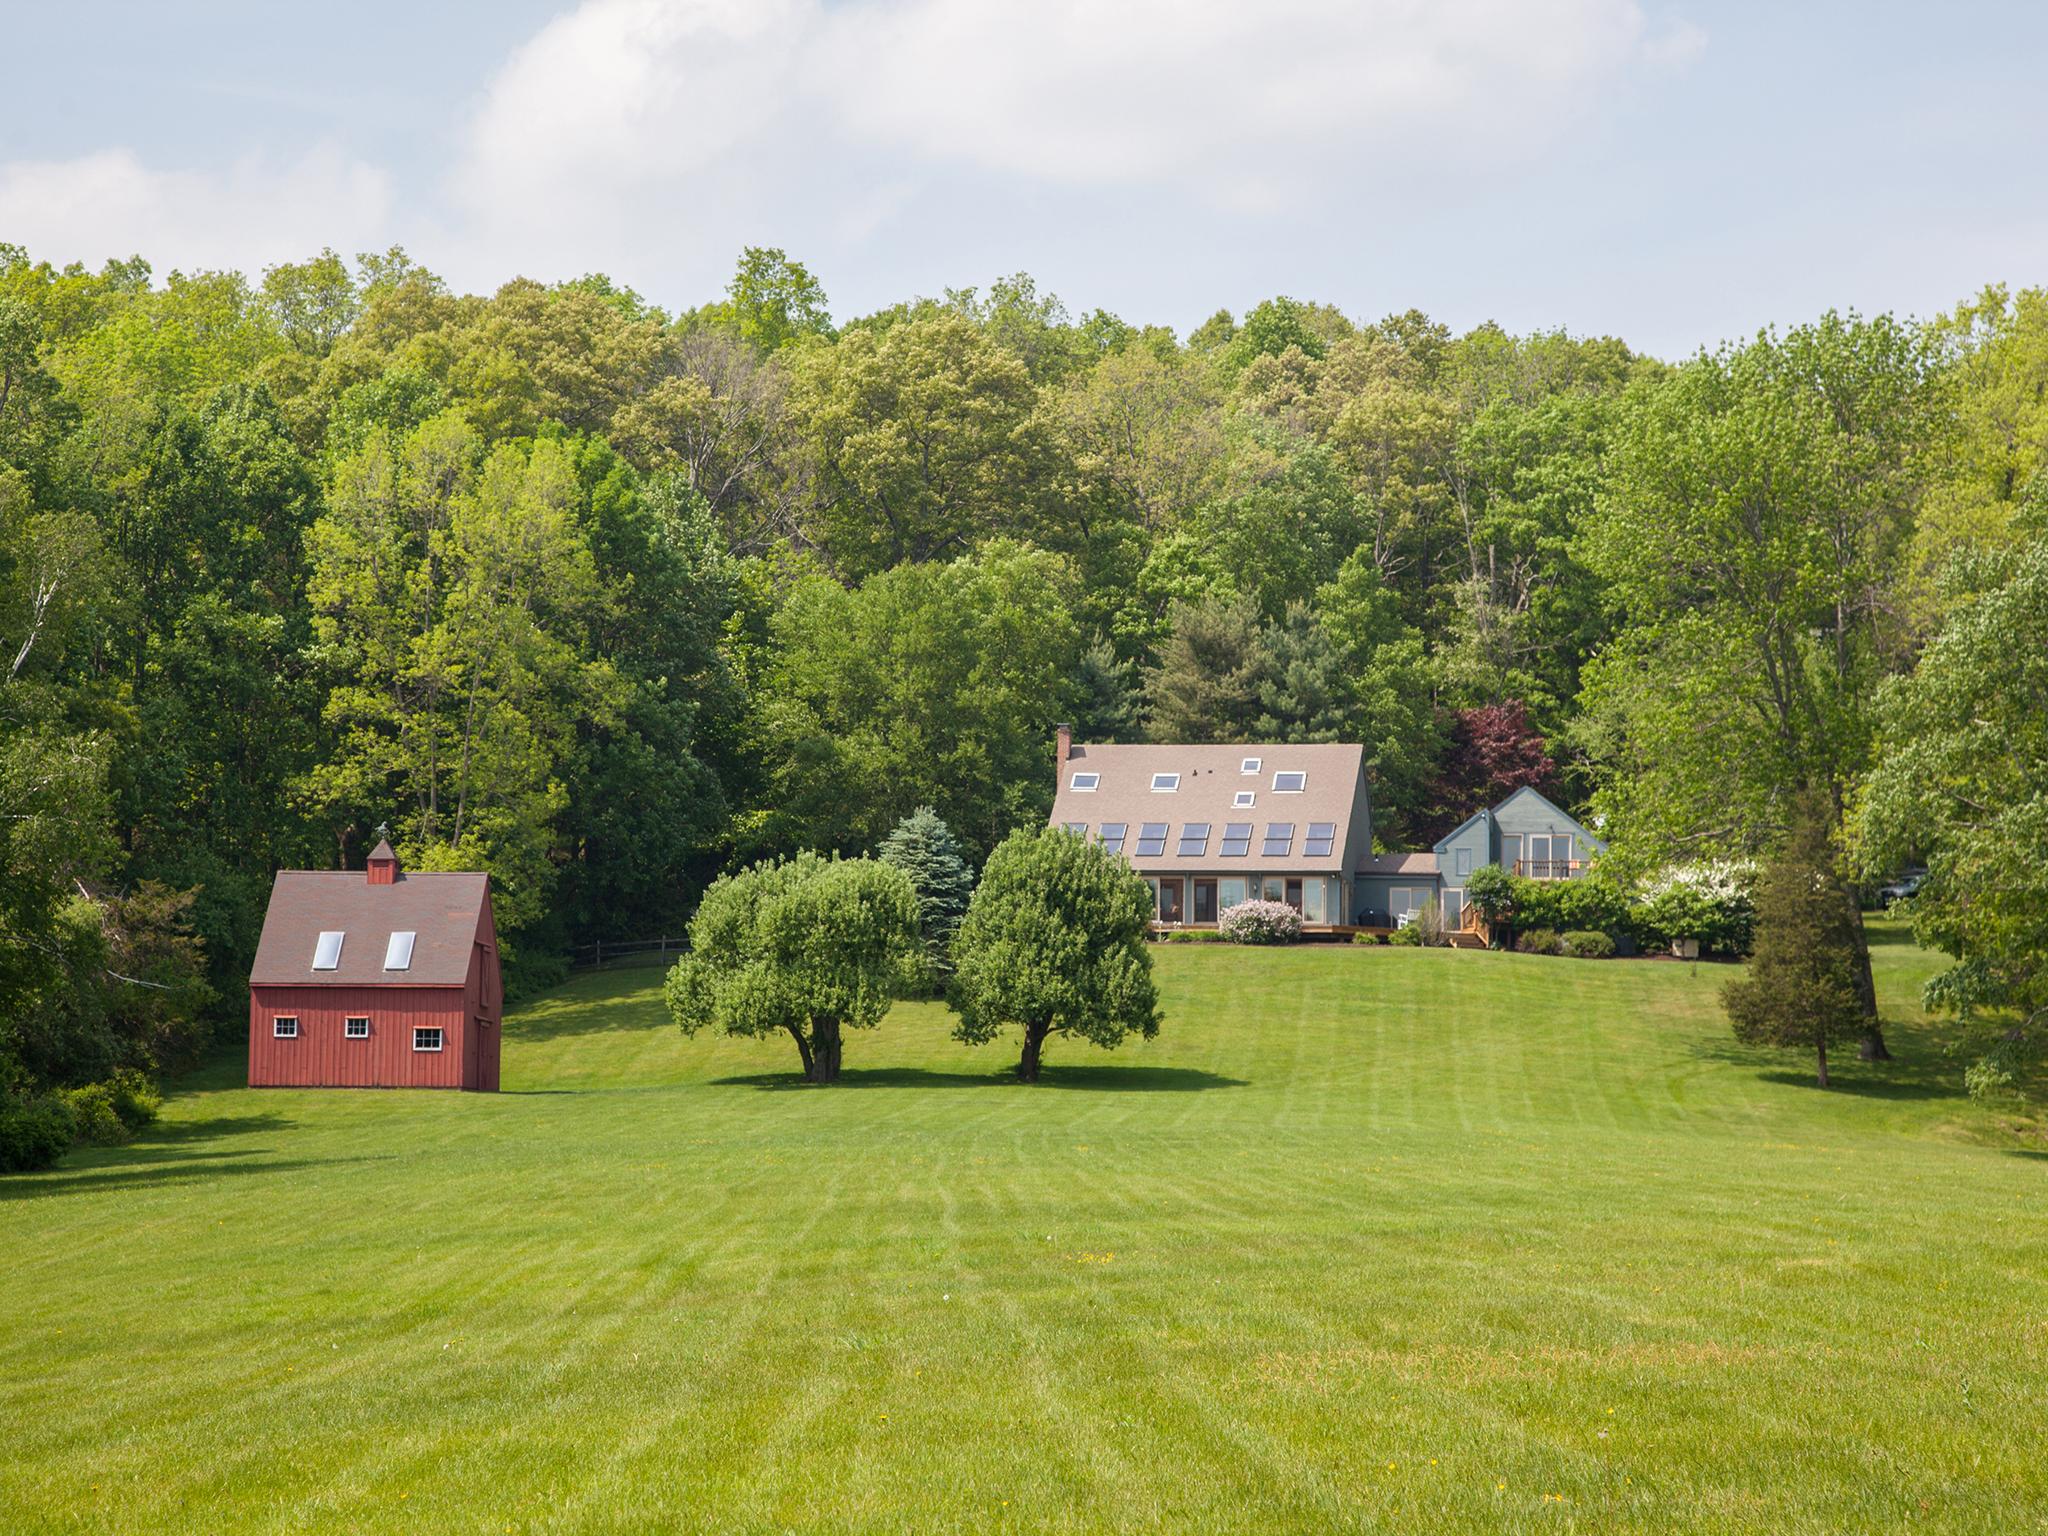 独户住宅 为 销售 在 Booth Meadow 44 Booth Rd 罗克斯伯里, 康涅狄格州, 06783 美国